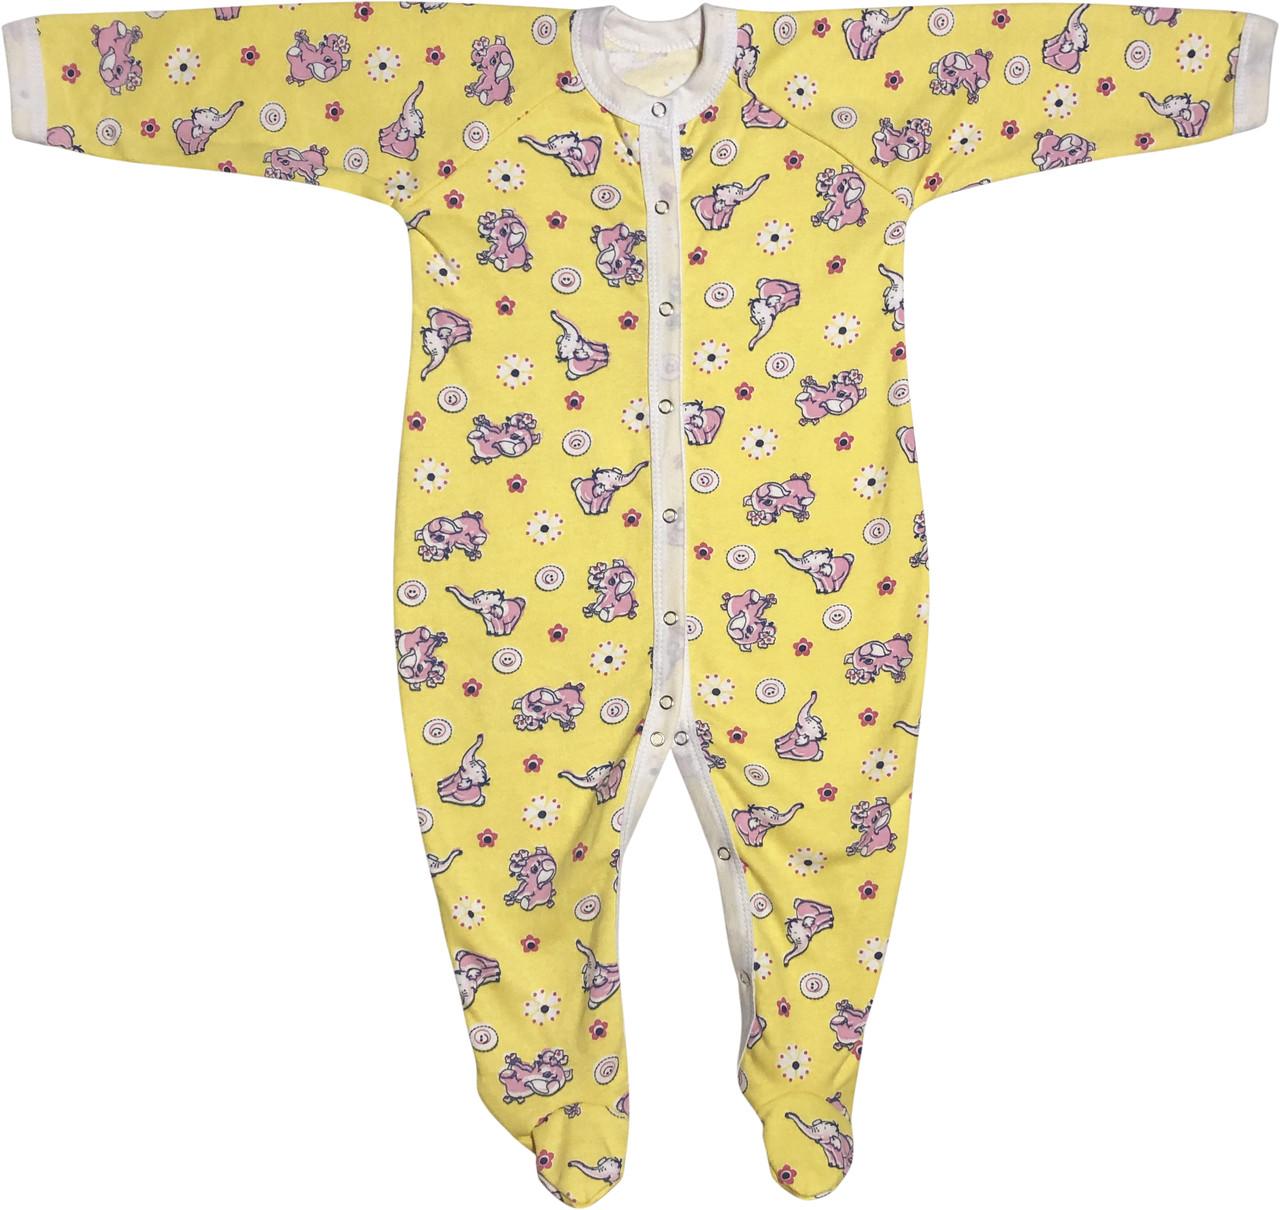 Теплий чоловічок з начосом для новонароджених ріст 86 1-1,5 року на хлопчика дівчинку сліп бавовняний жовтий